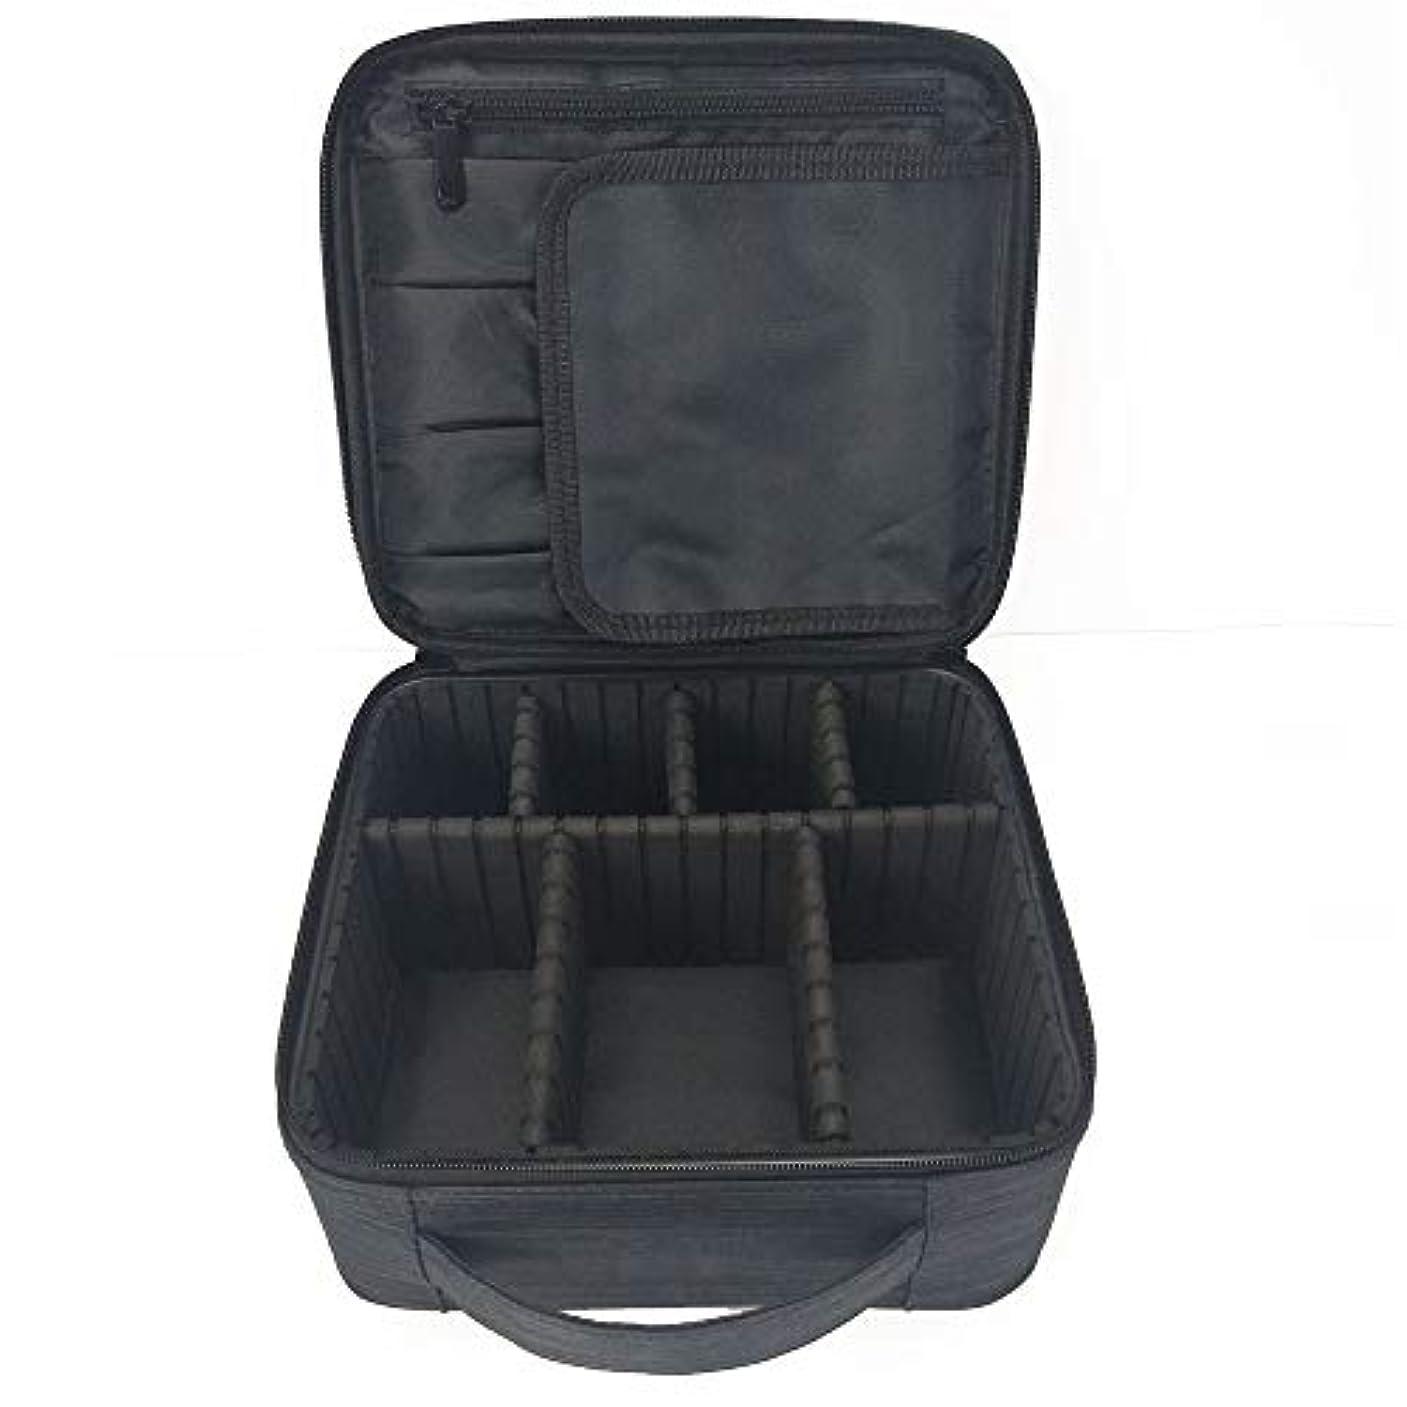 マグ有効和解する化粧オーガナイザーバッグ 調整可能な仕切り付き防水メイクアップバッグ旅行化粧ケースブラシホルダー 化粧品ケース